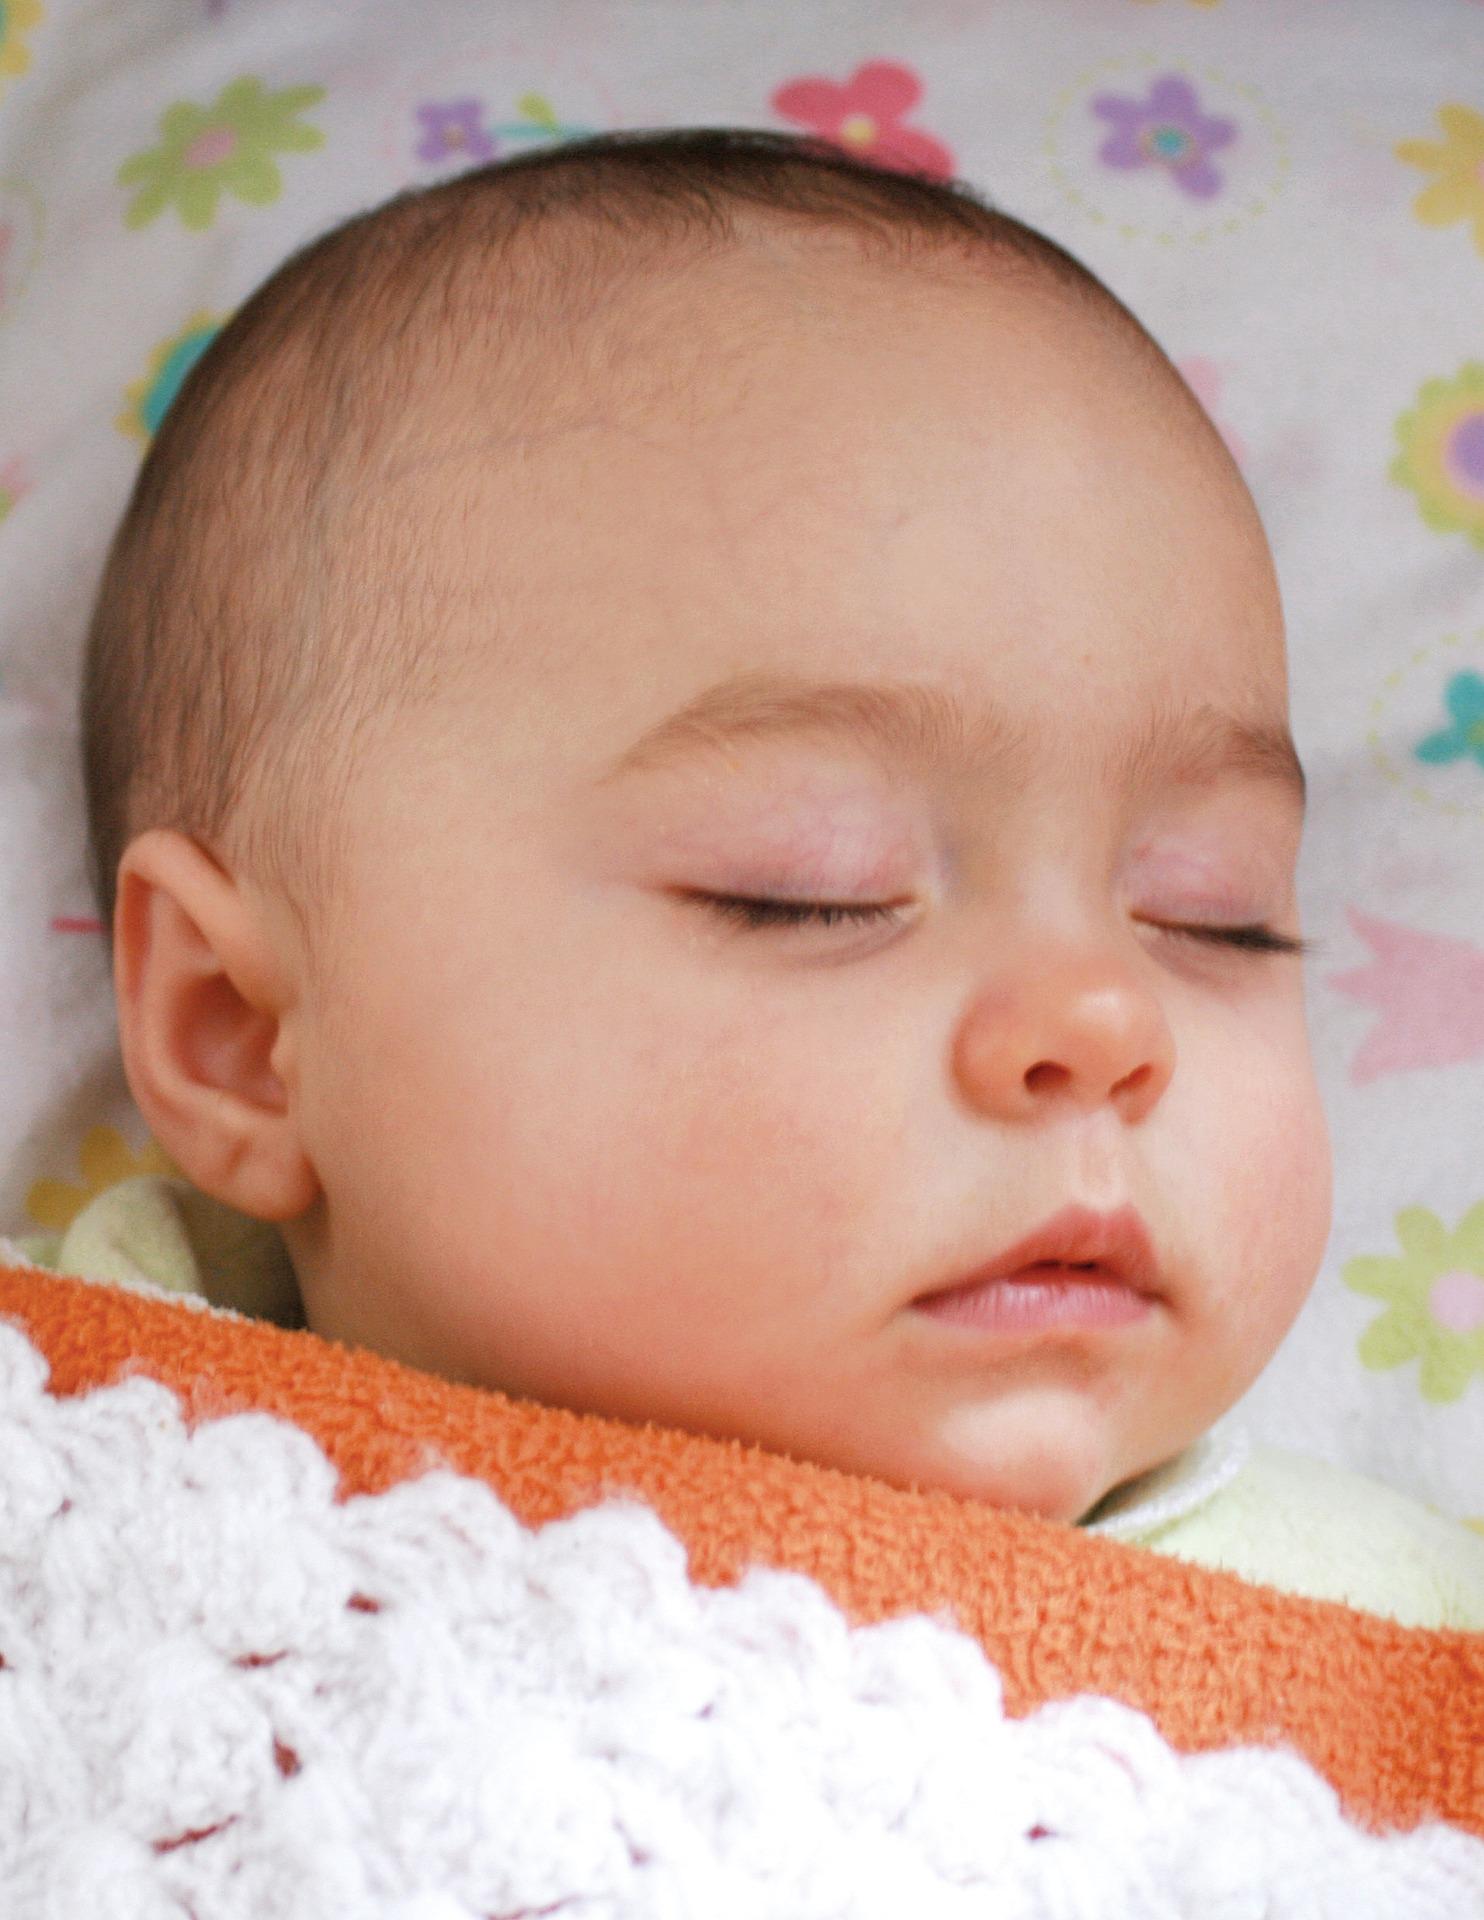 Baby schläft viel Schlafbedarf Wie viel muss es schlafen?